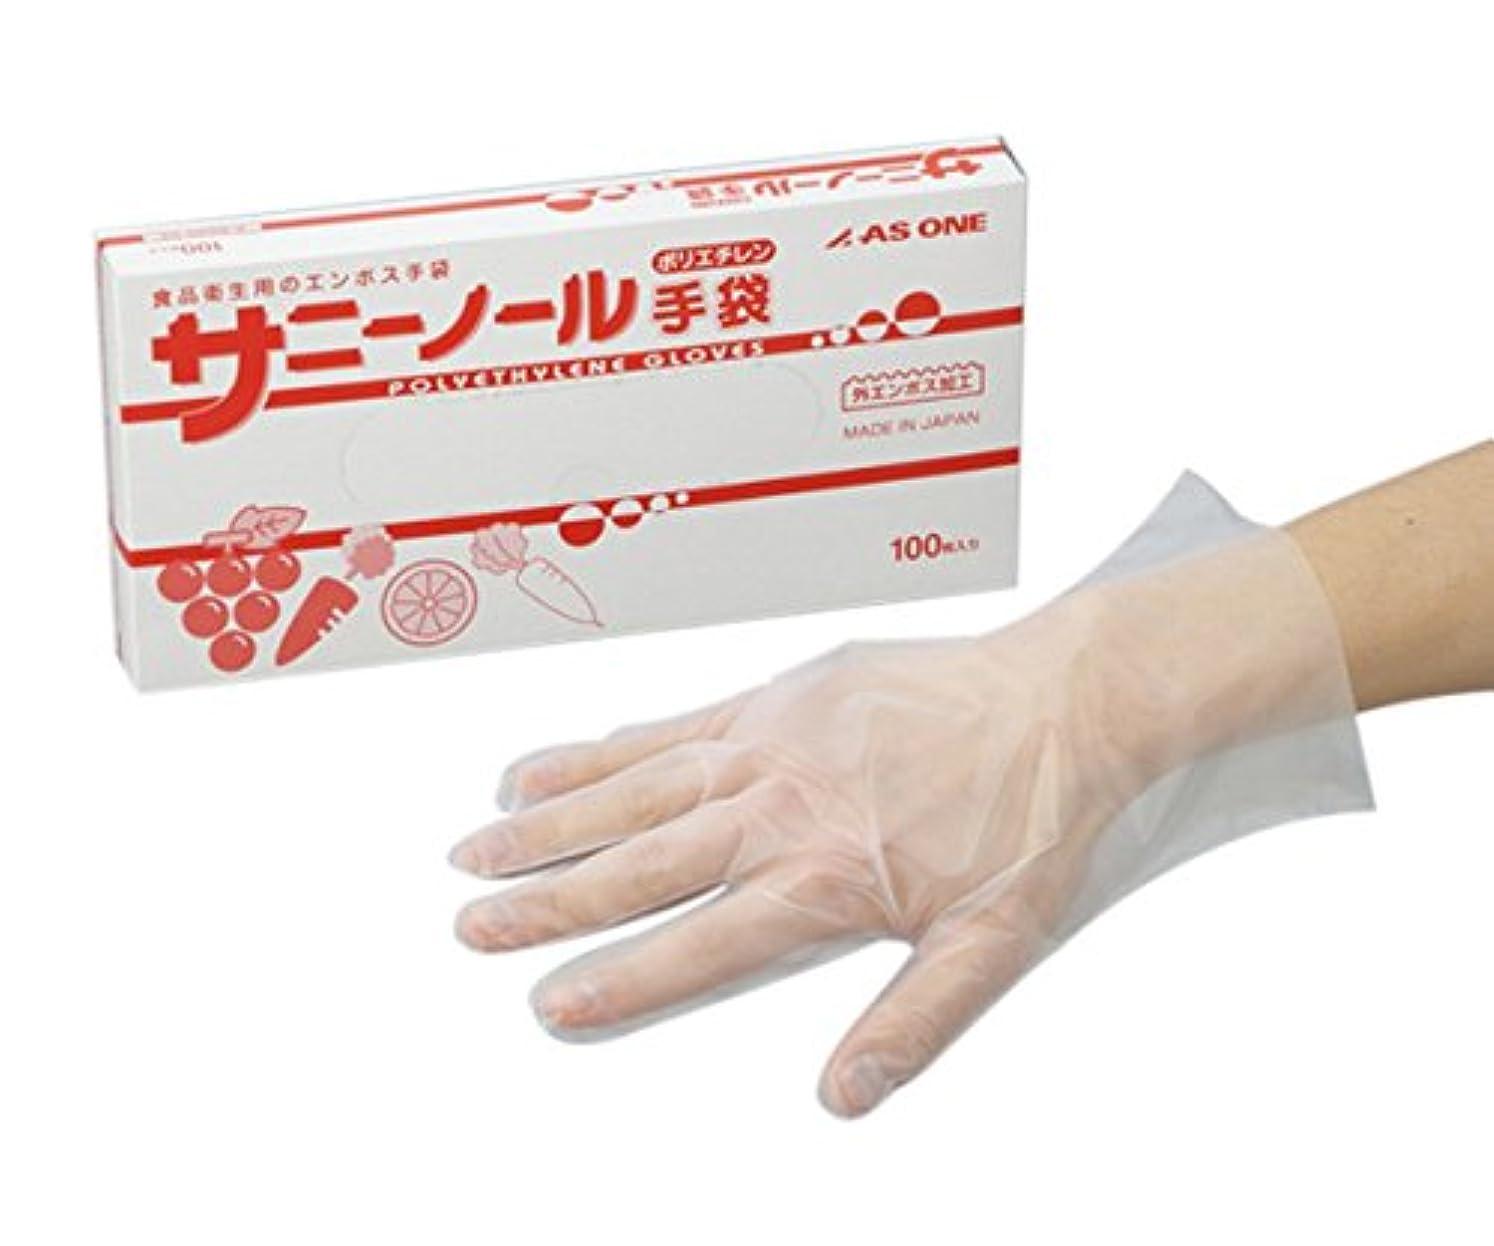 出身地疎外する机アズワン サニーノール手袋 ポリエチレン